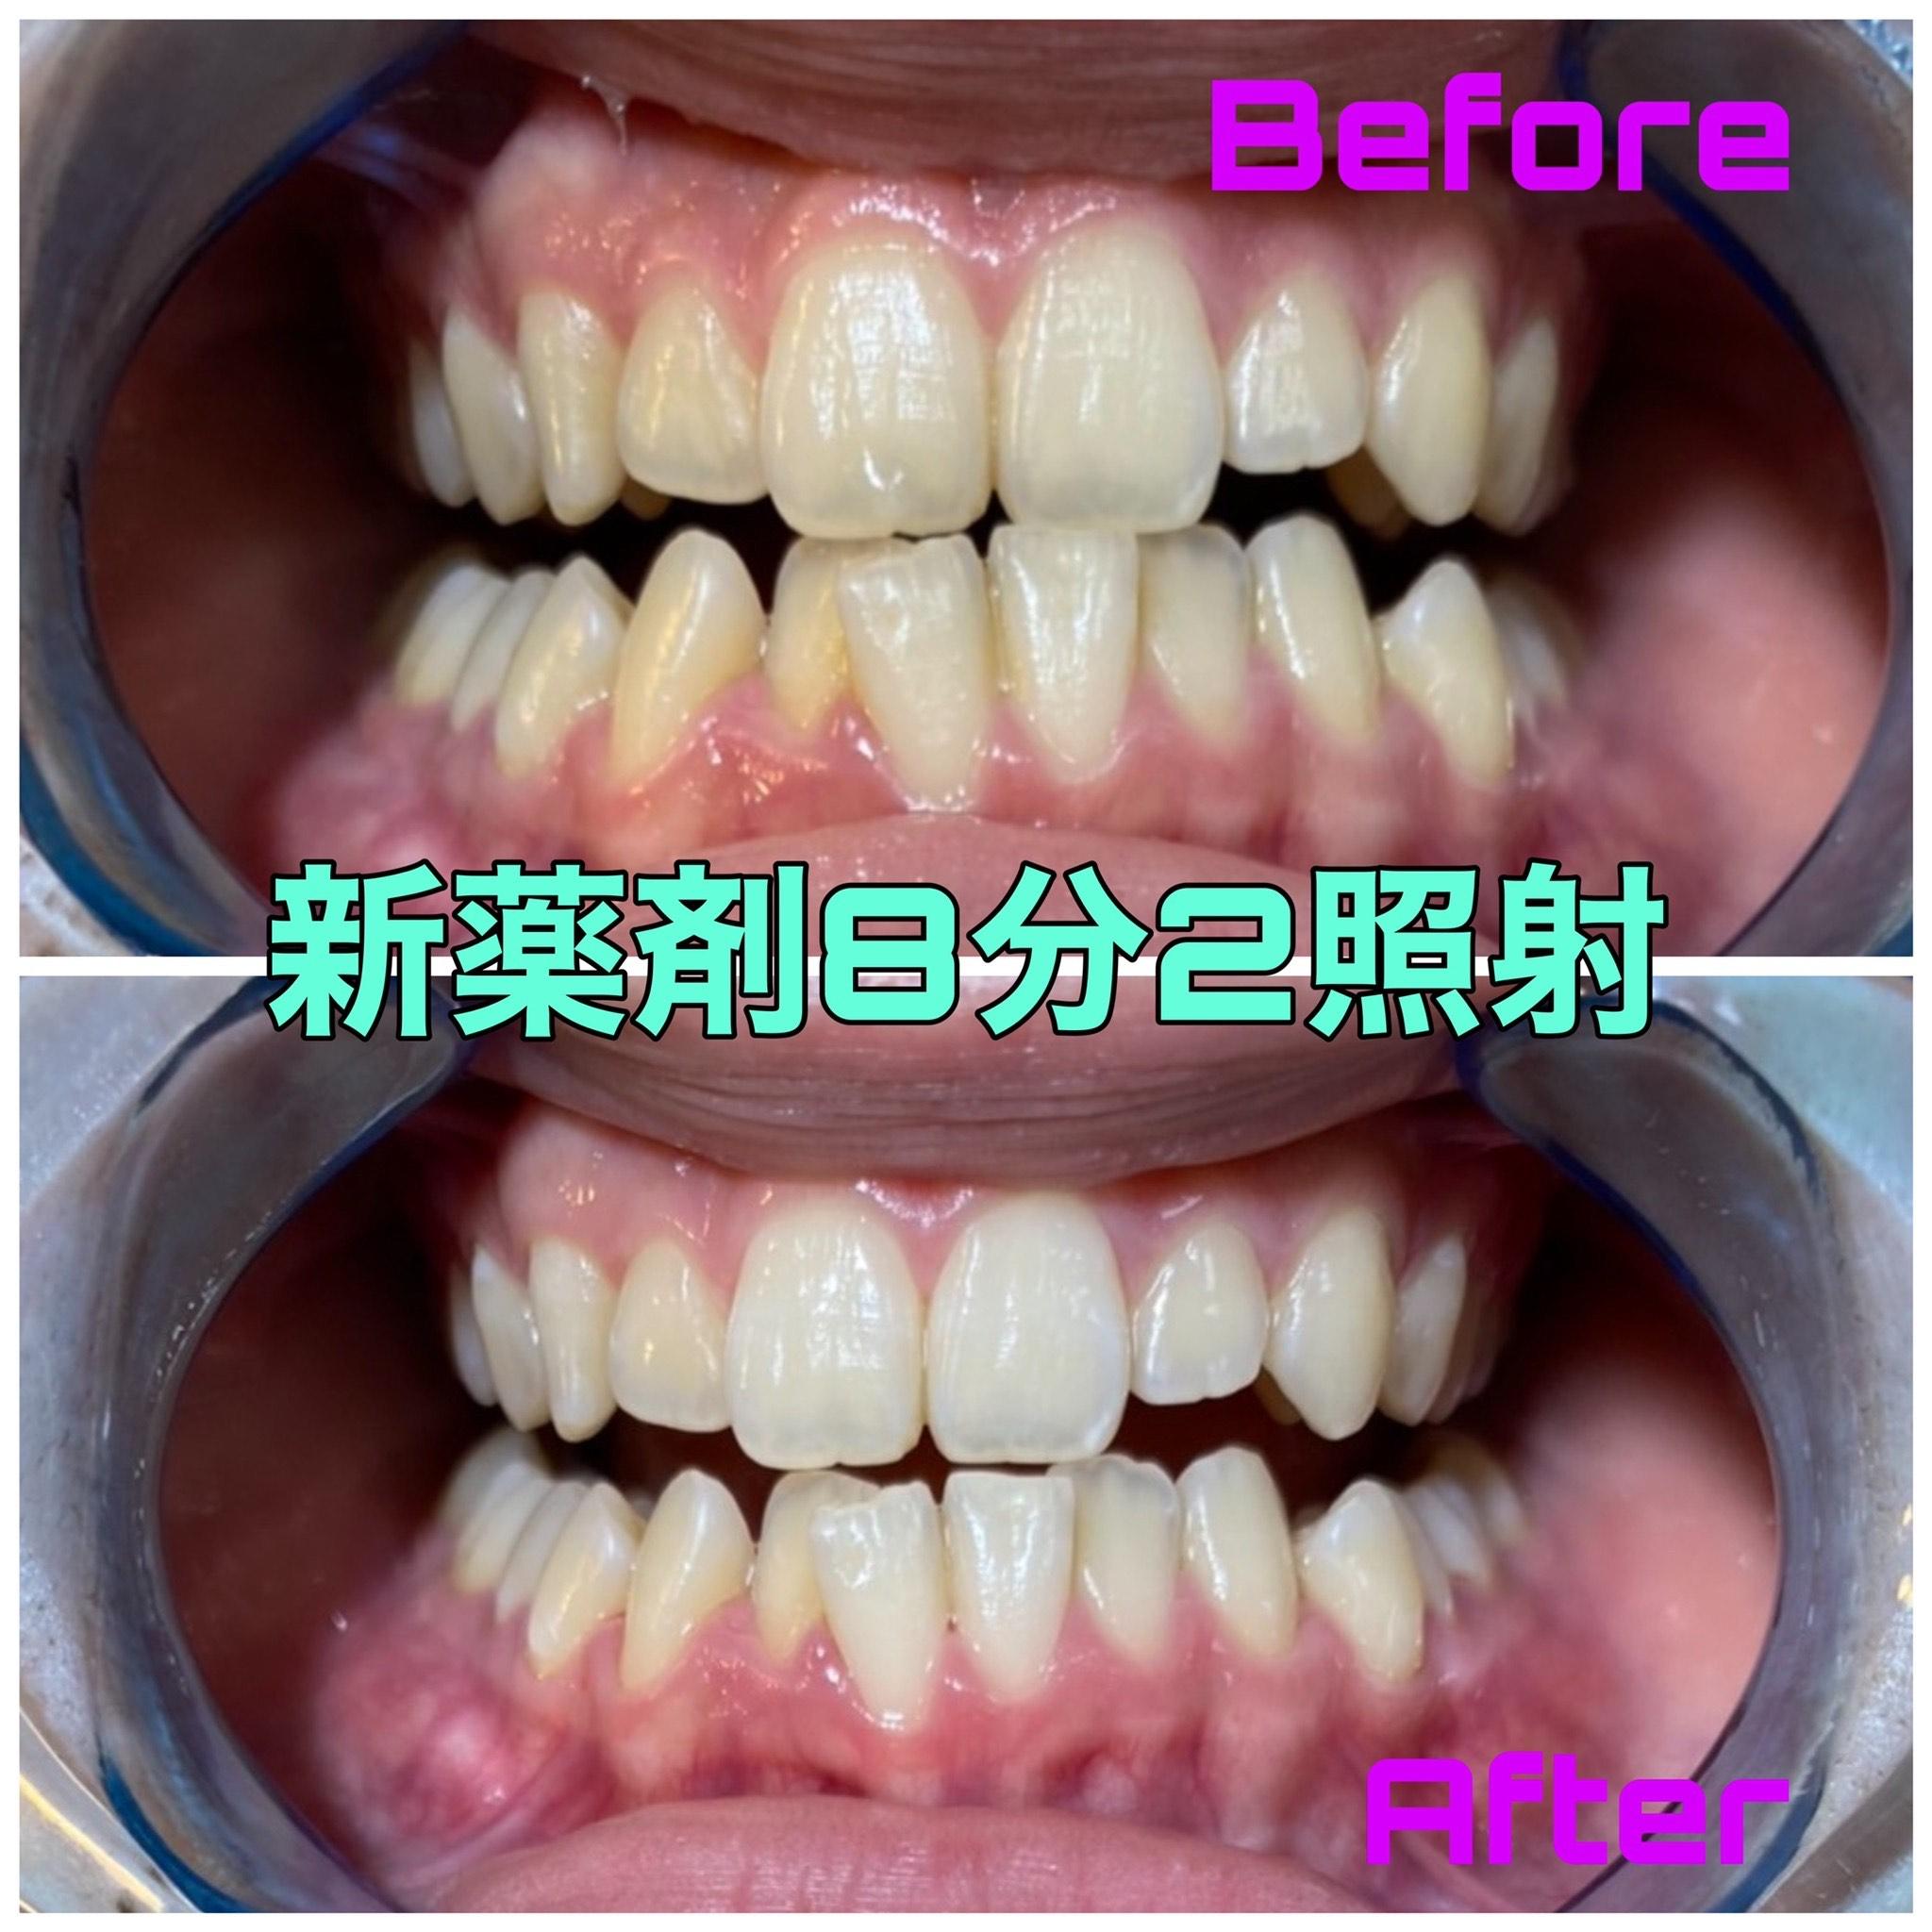 大人気の新薬剤! 町田ホワイトニング 歯科医院提携サロン